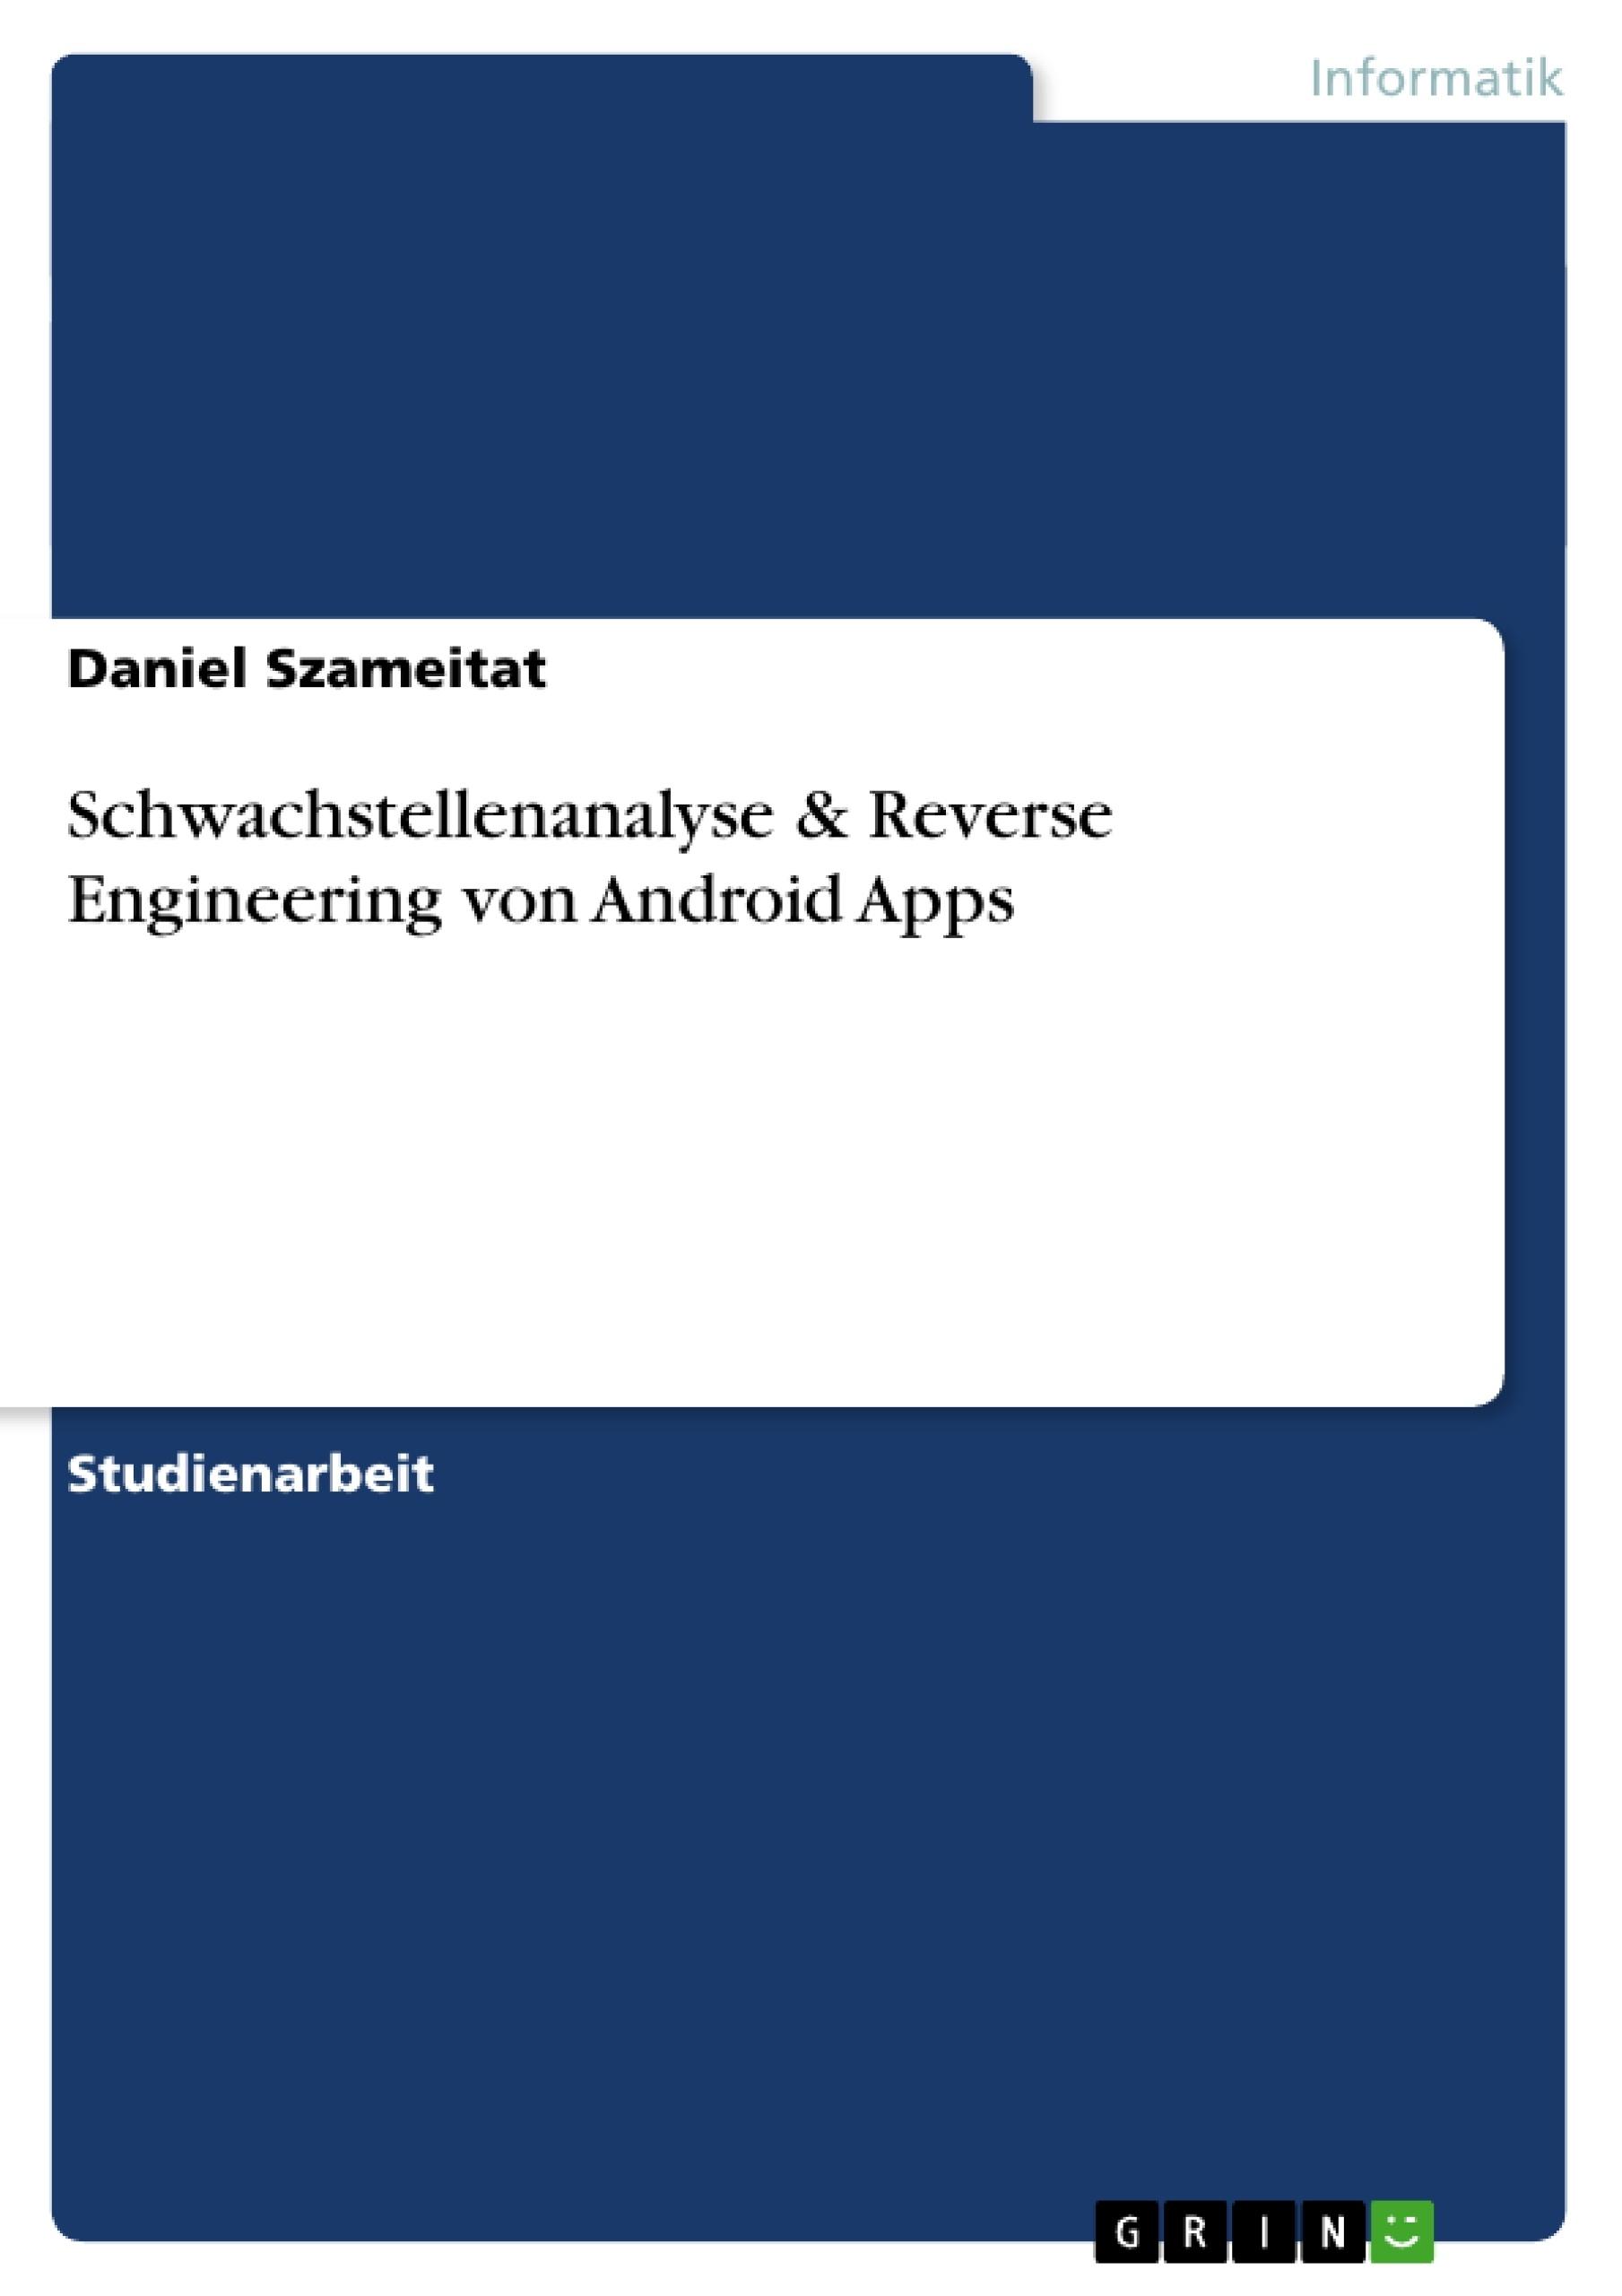 Titel: Schwachstellenanalyse & Reverse Engineering von Android Apps